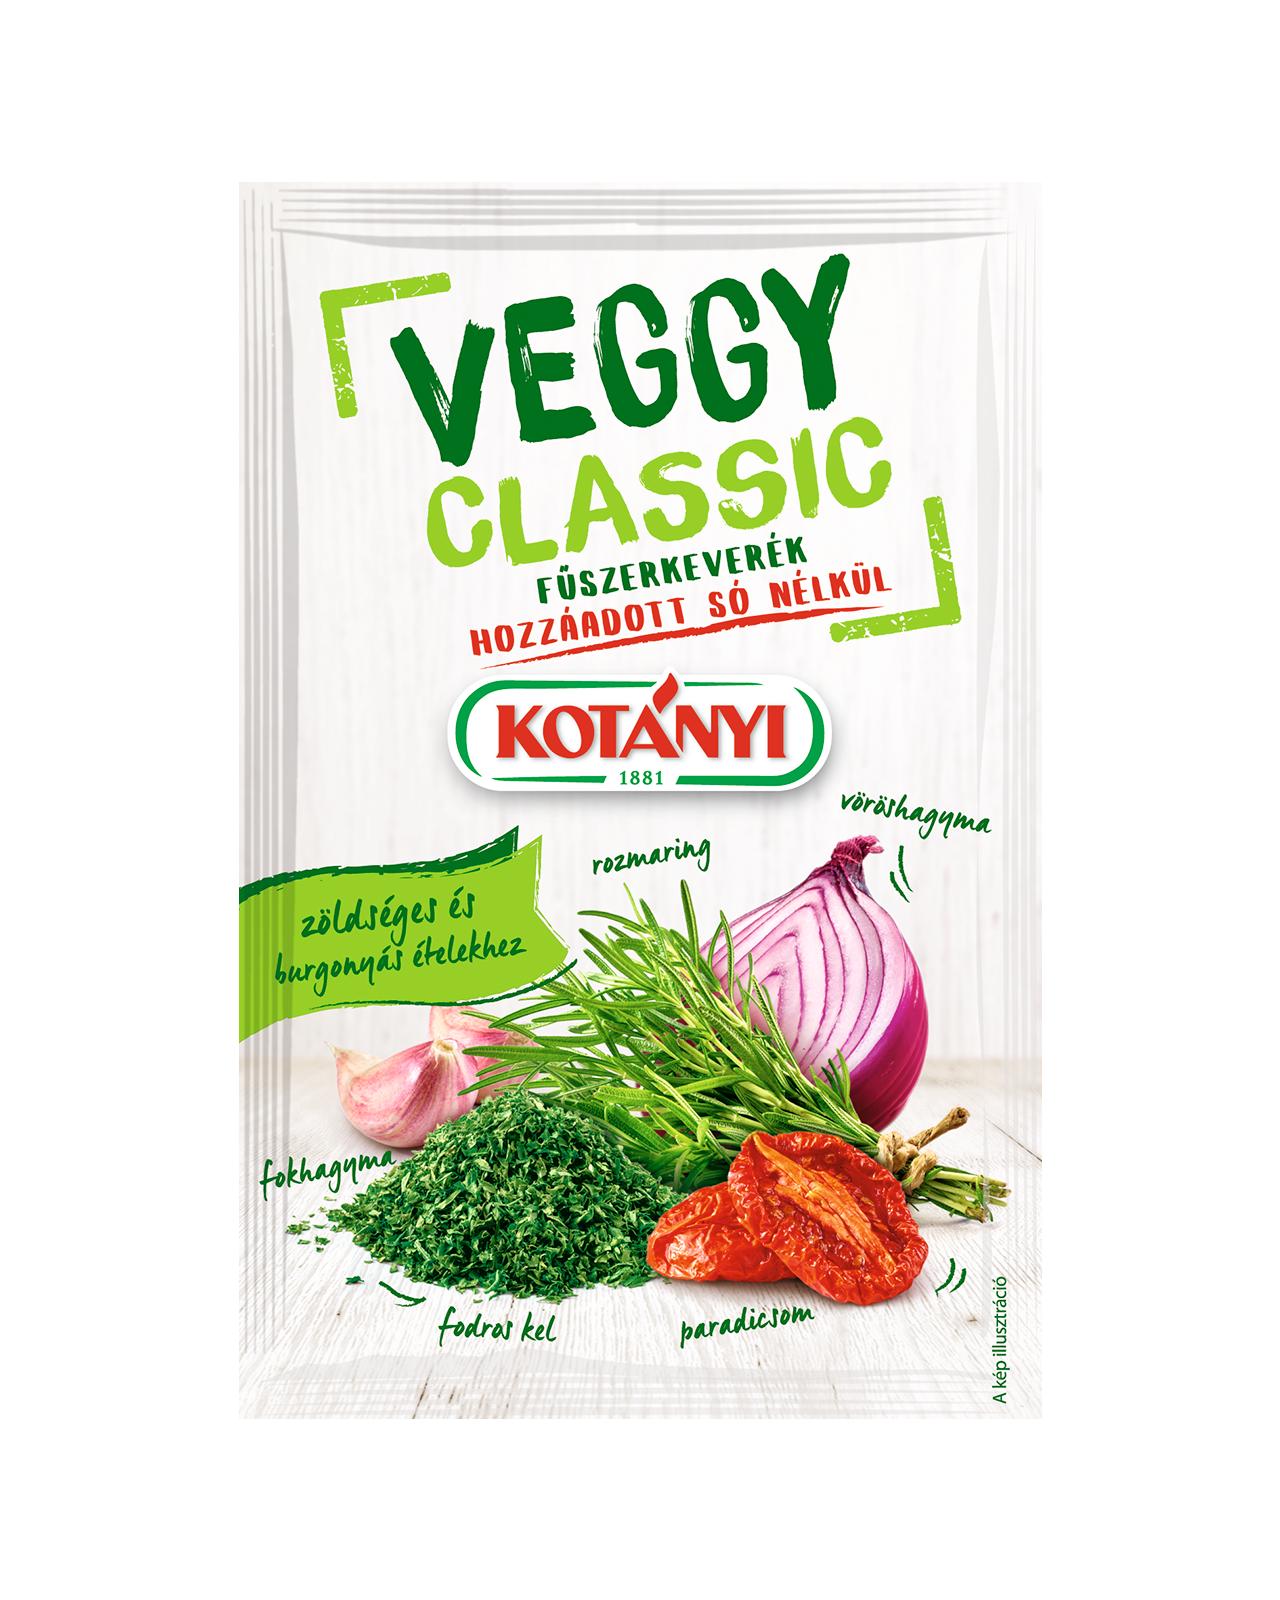 355502 Kotanyi Veggy Classic B2c Pouch Edit